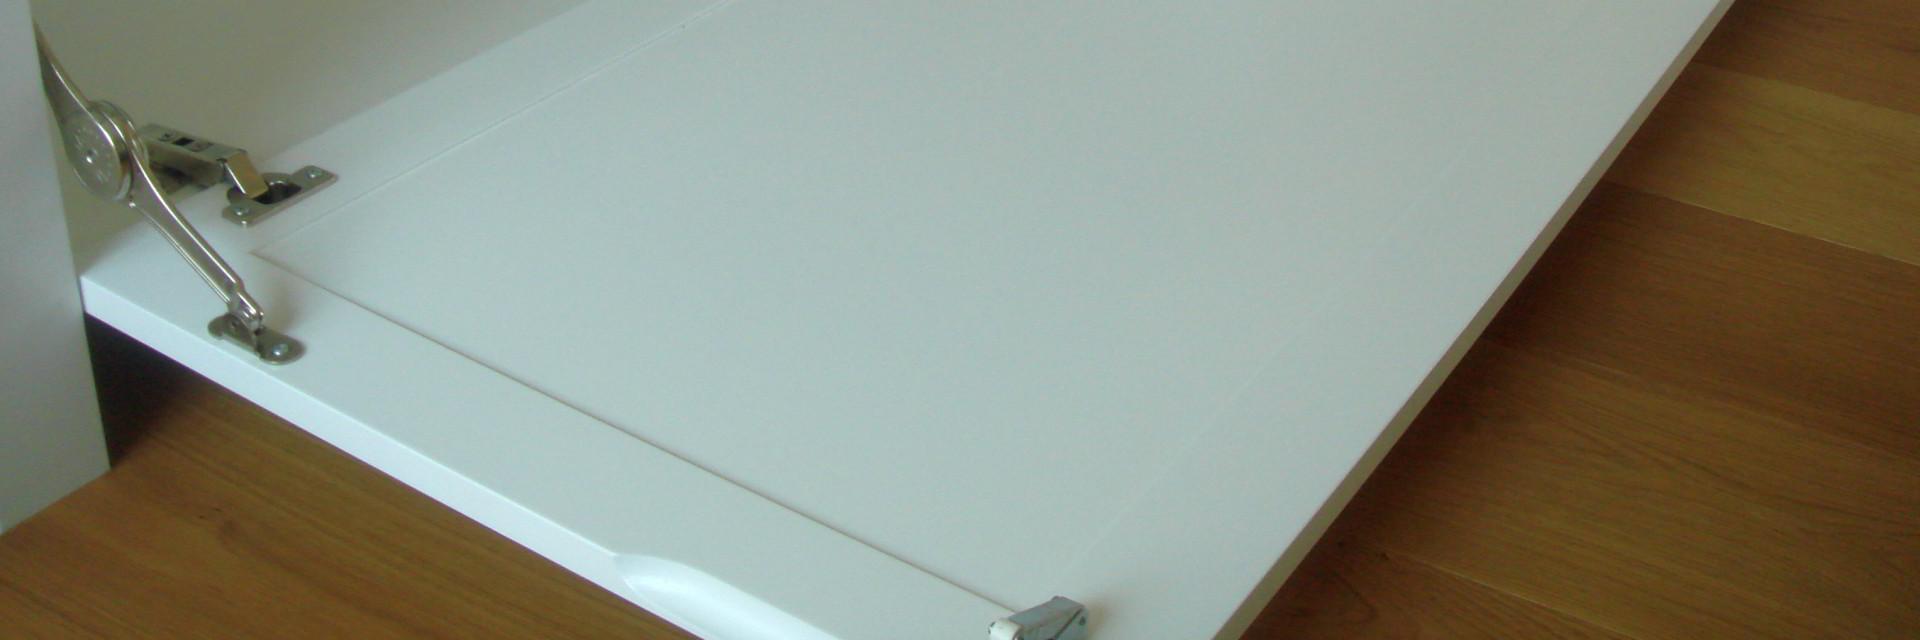 TV møbel med push-open-system udsnit 2 af 2